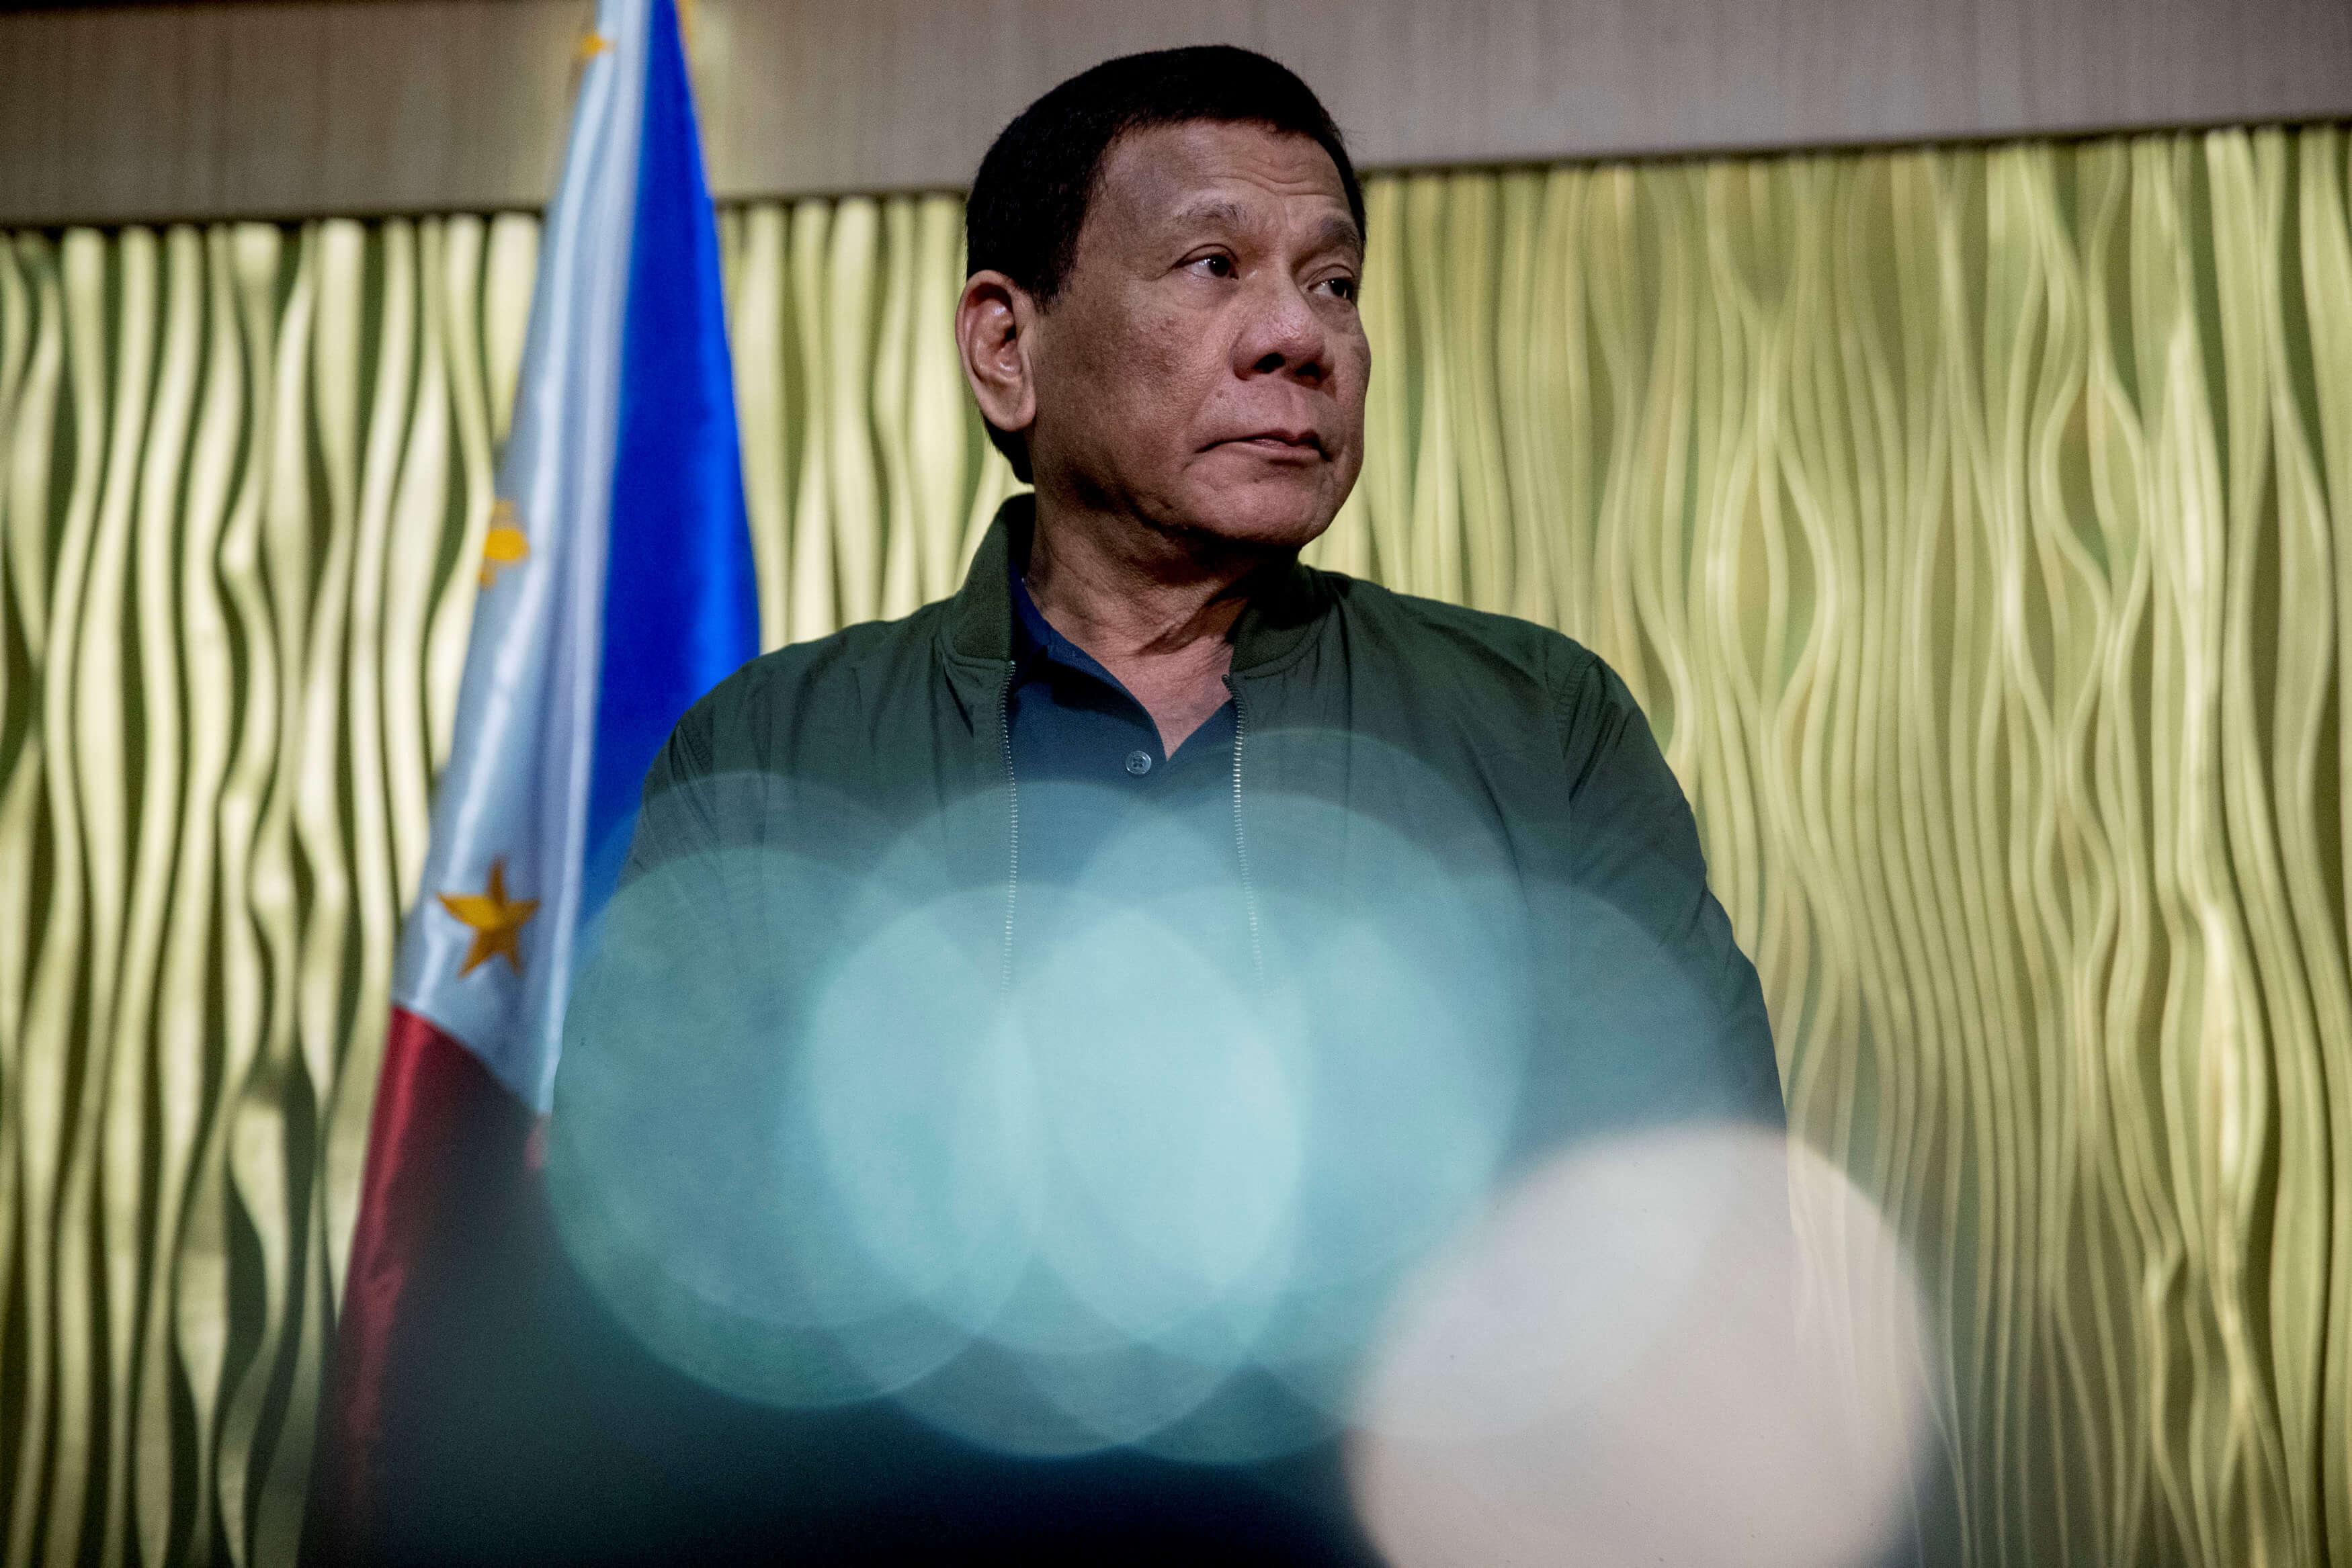 Οι Φιλιππίνες αποσύρονται από το Διεθνές Ποινικό Δικαστήριο